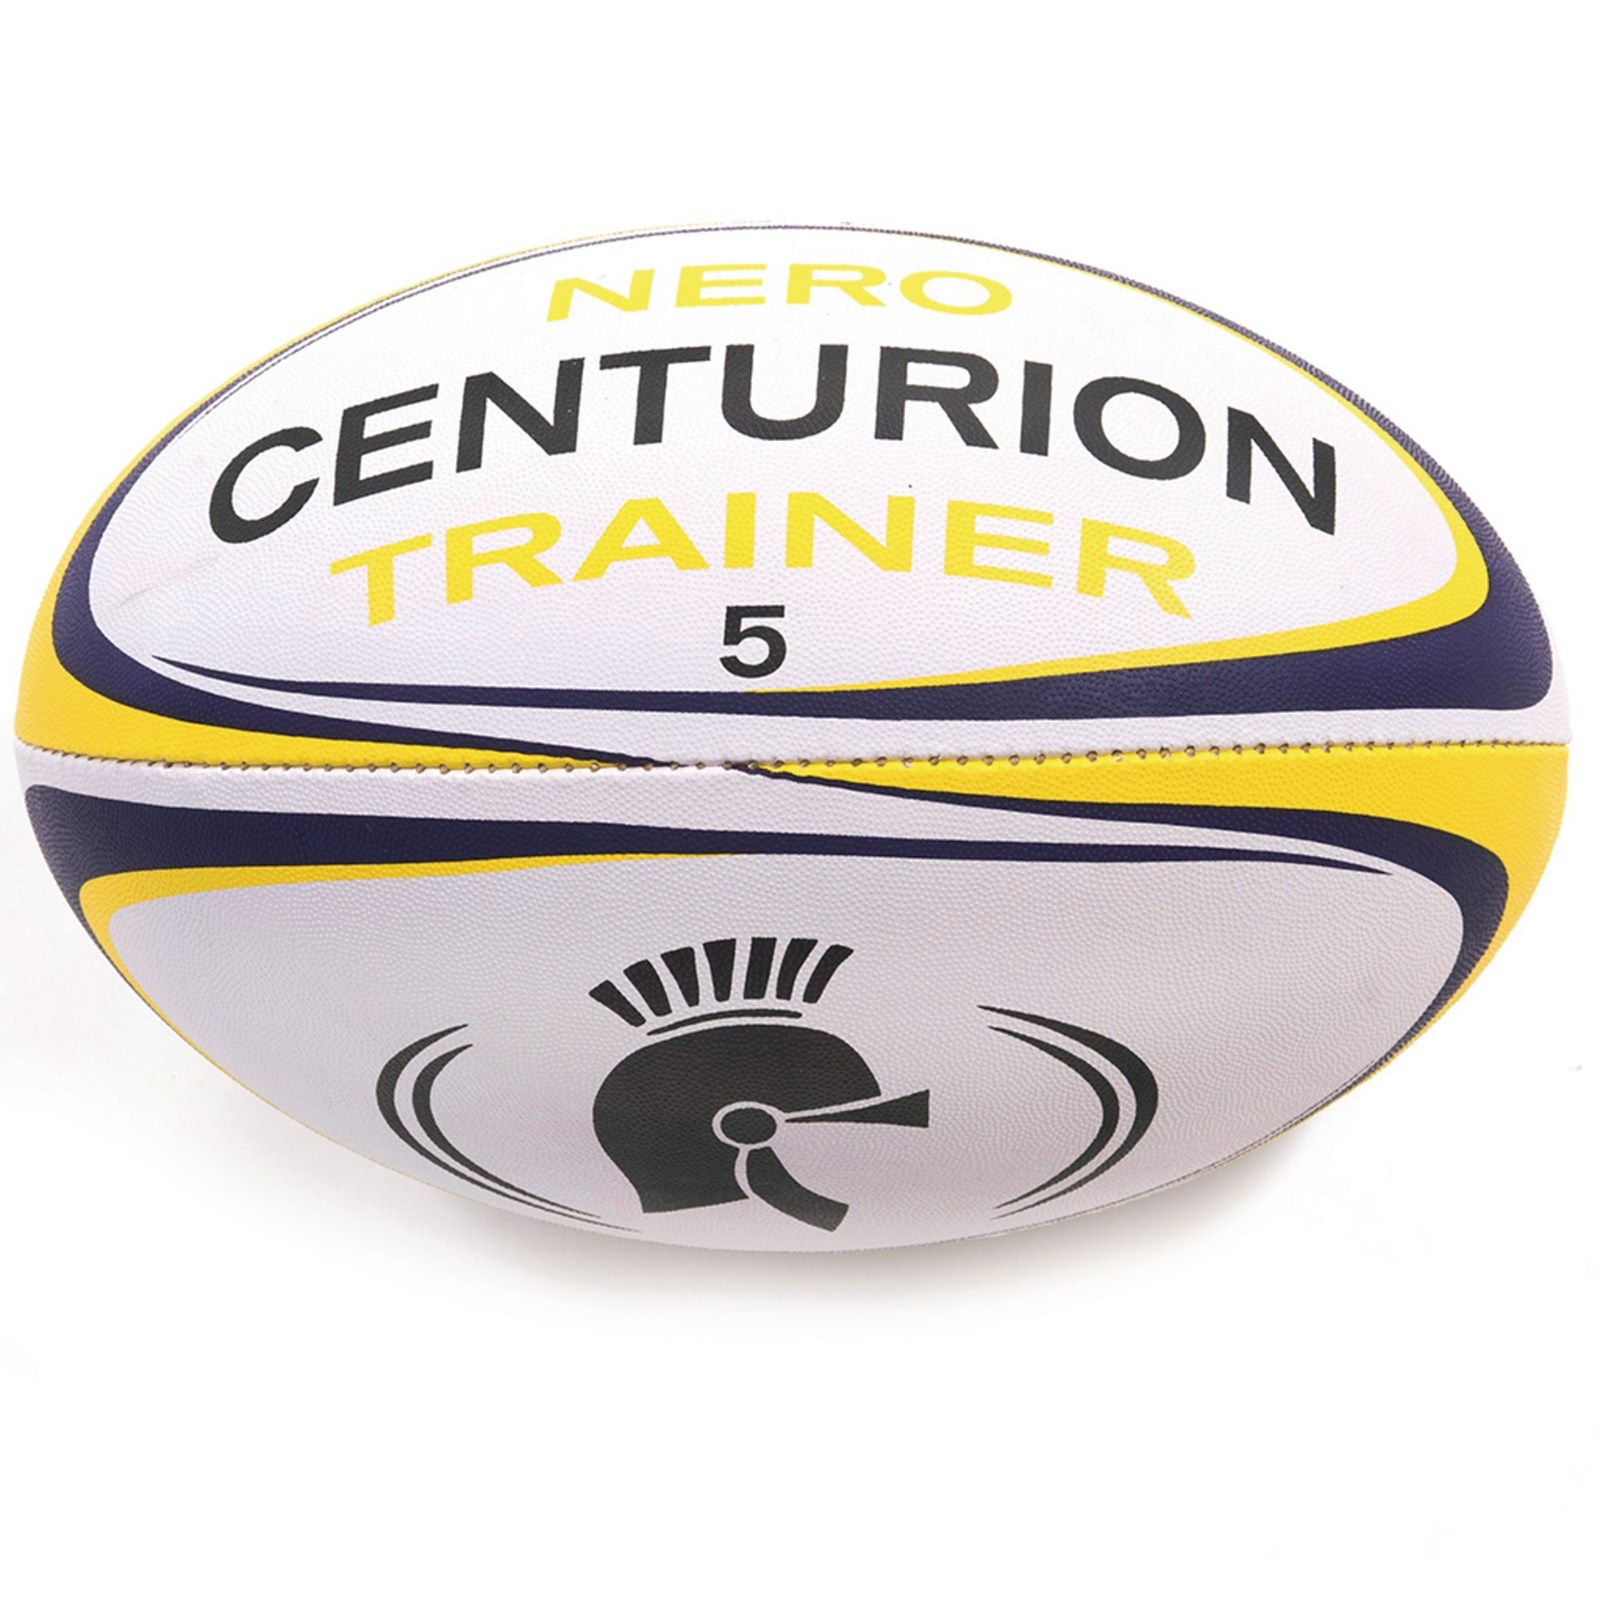 Centurion Nero Trainer Rugby Ball - Size 5